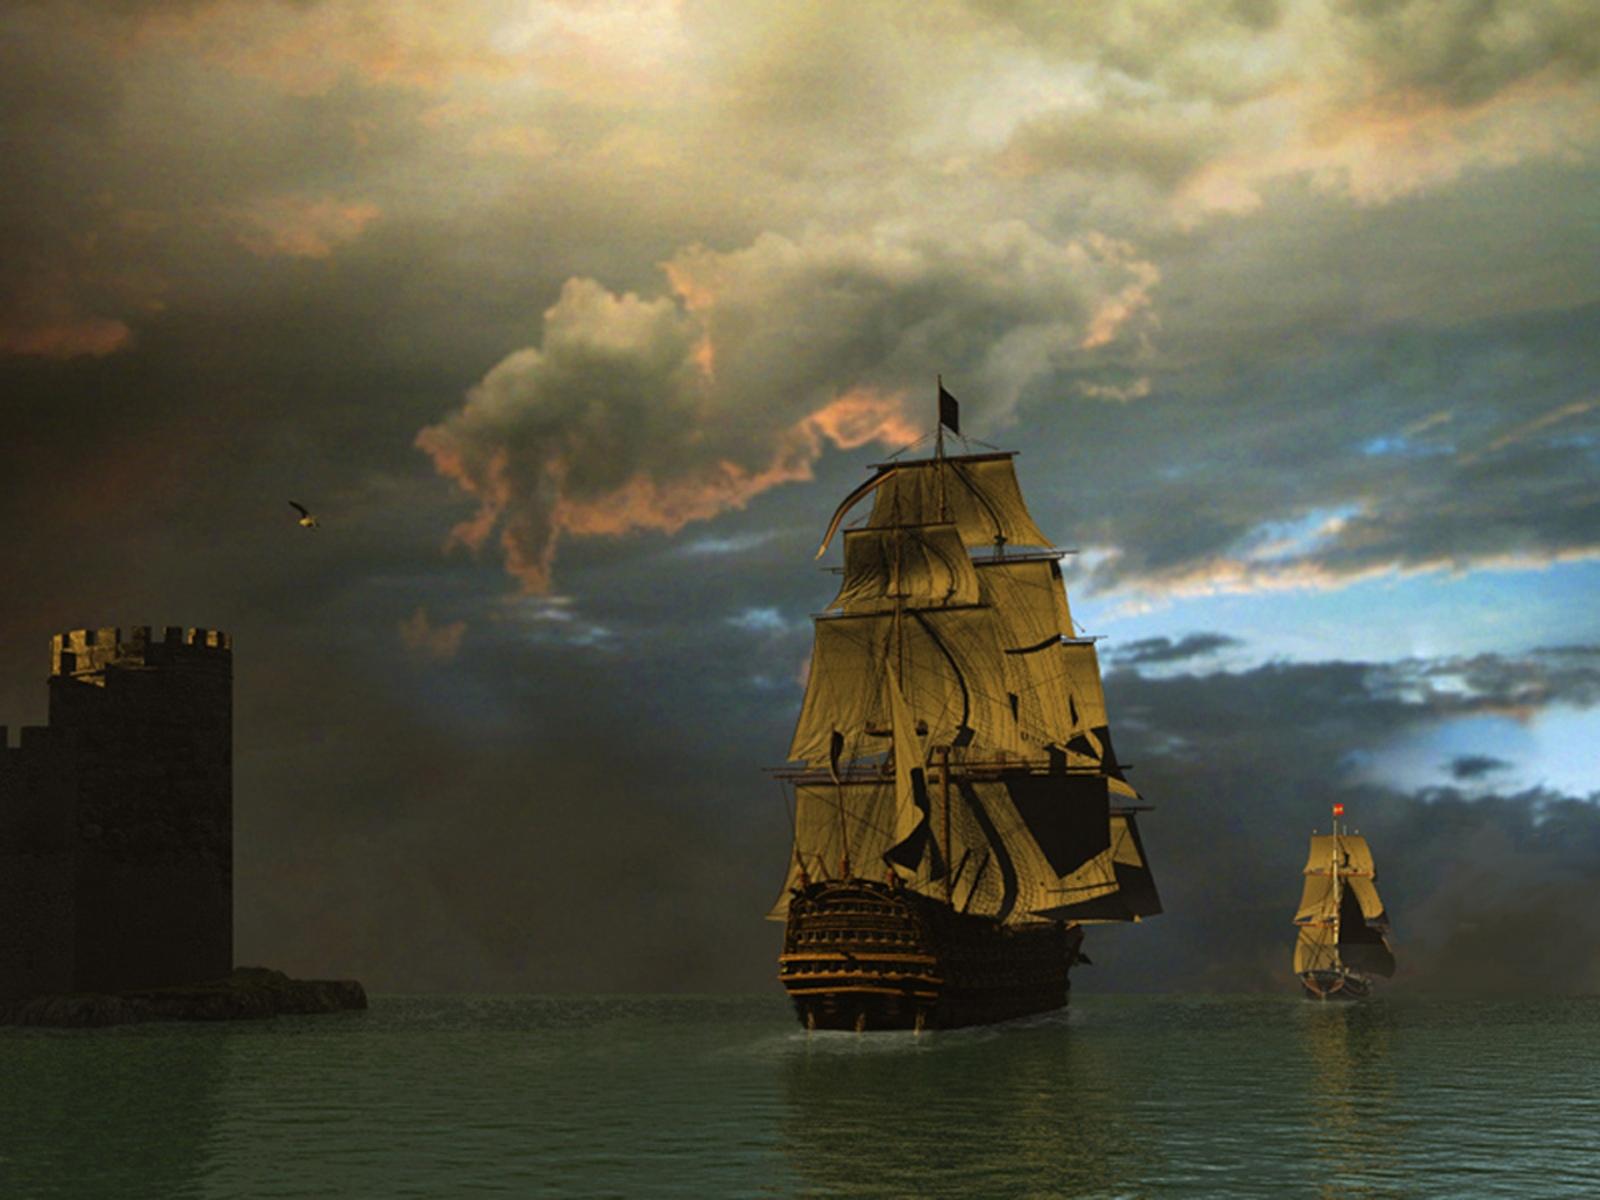 bateau pirate wallpaper - photo #31